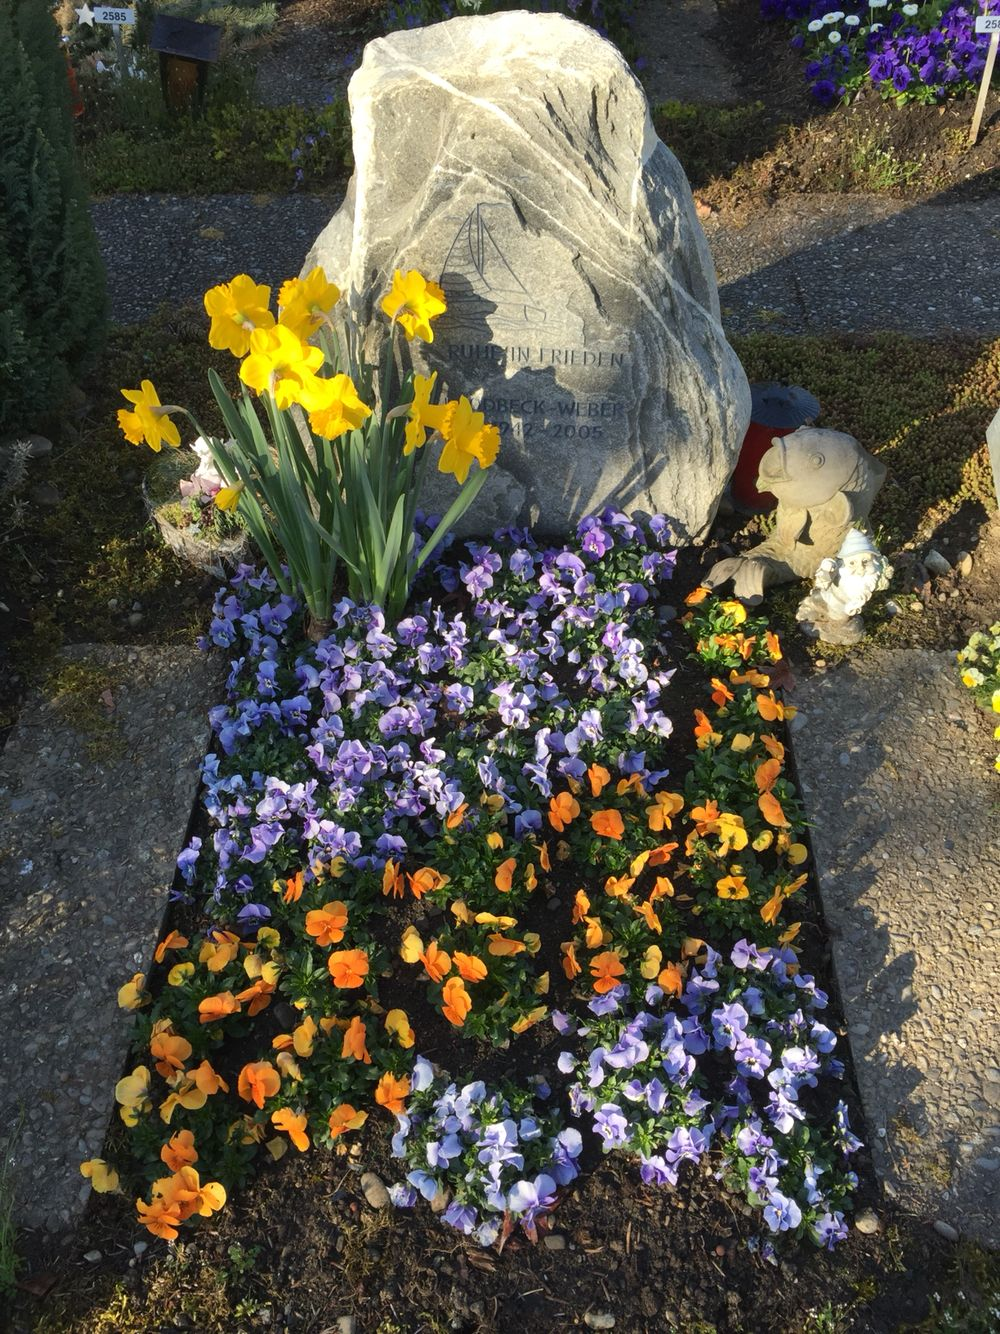 Fruehlibgsbepflanzung | Grabbepflanzung, Bepflanzung und ...